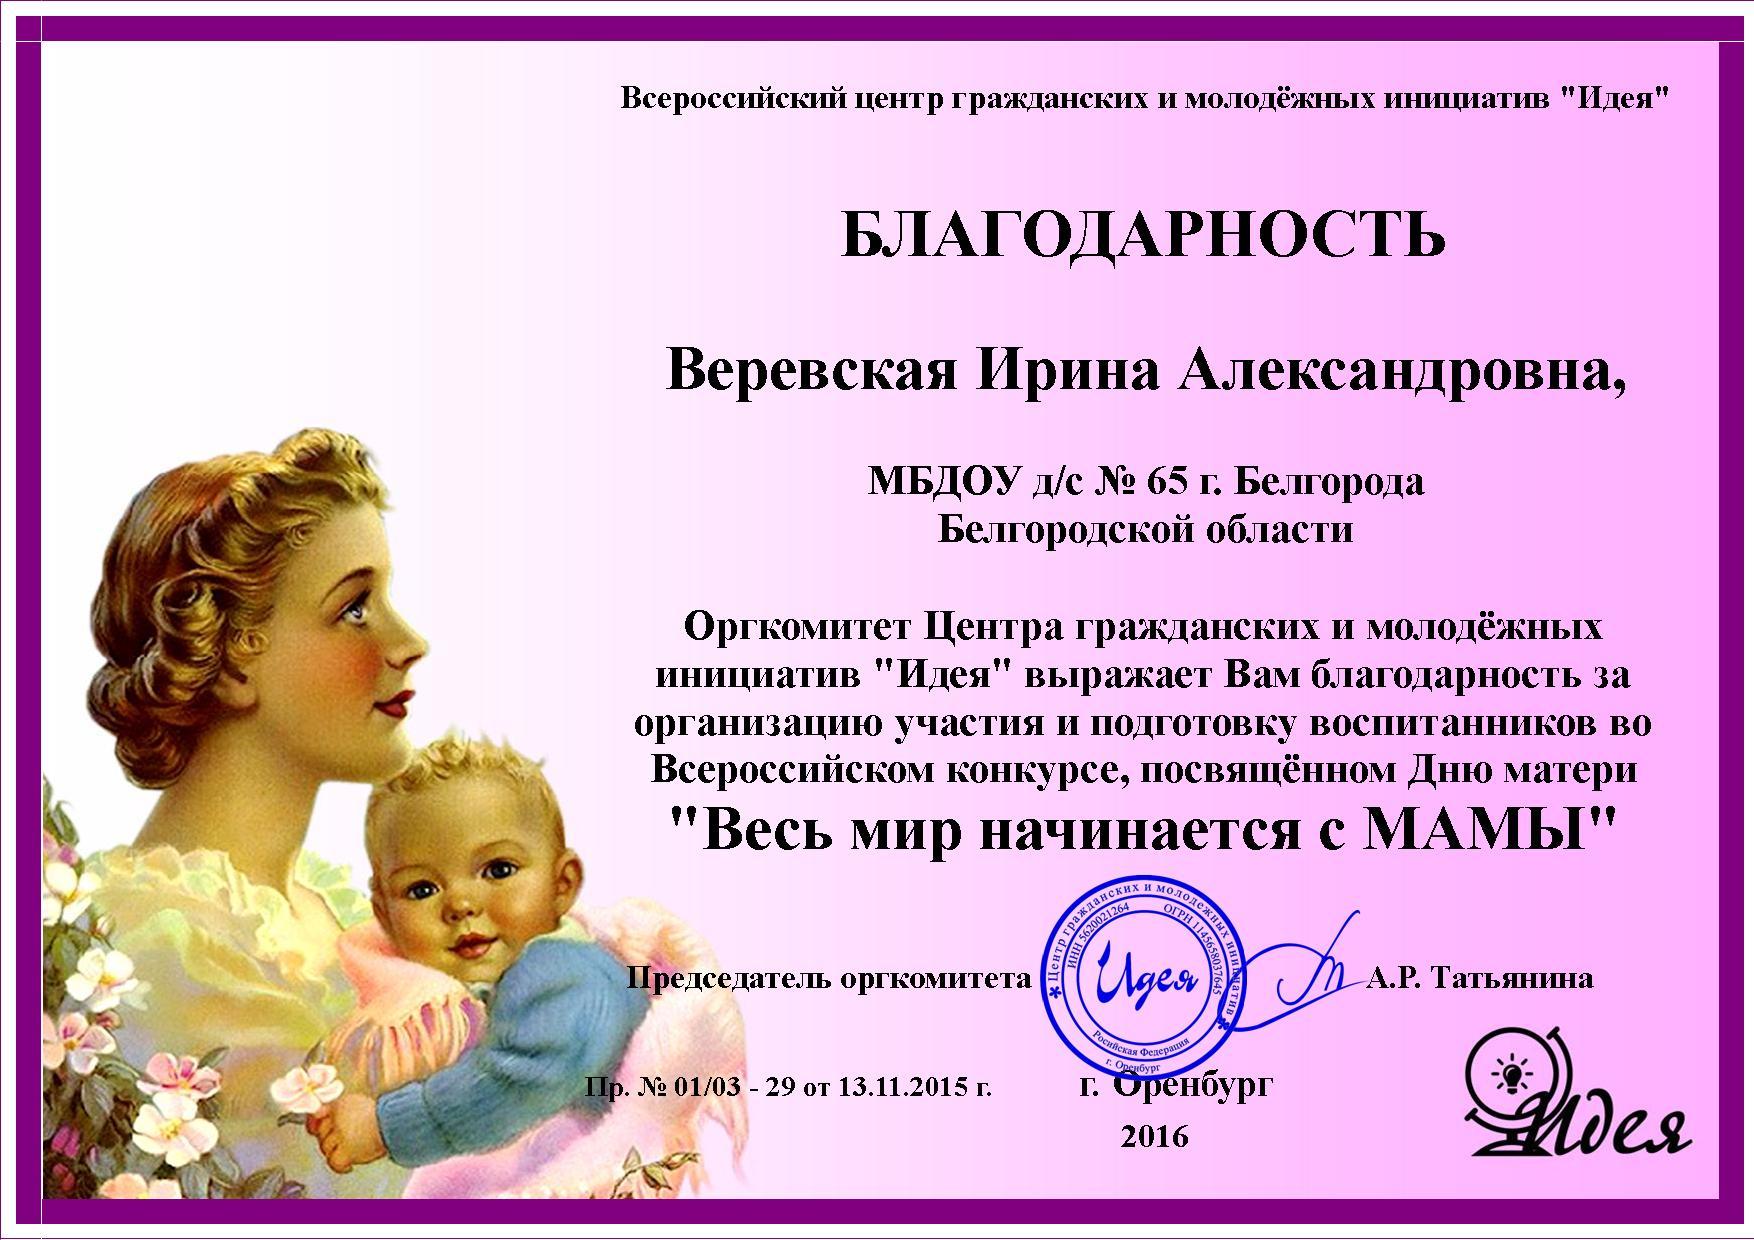 Благодарственное письмо-Веревская Ирина Александровна-64595